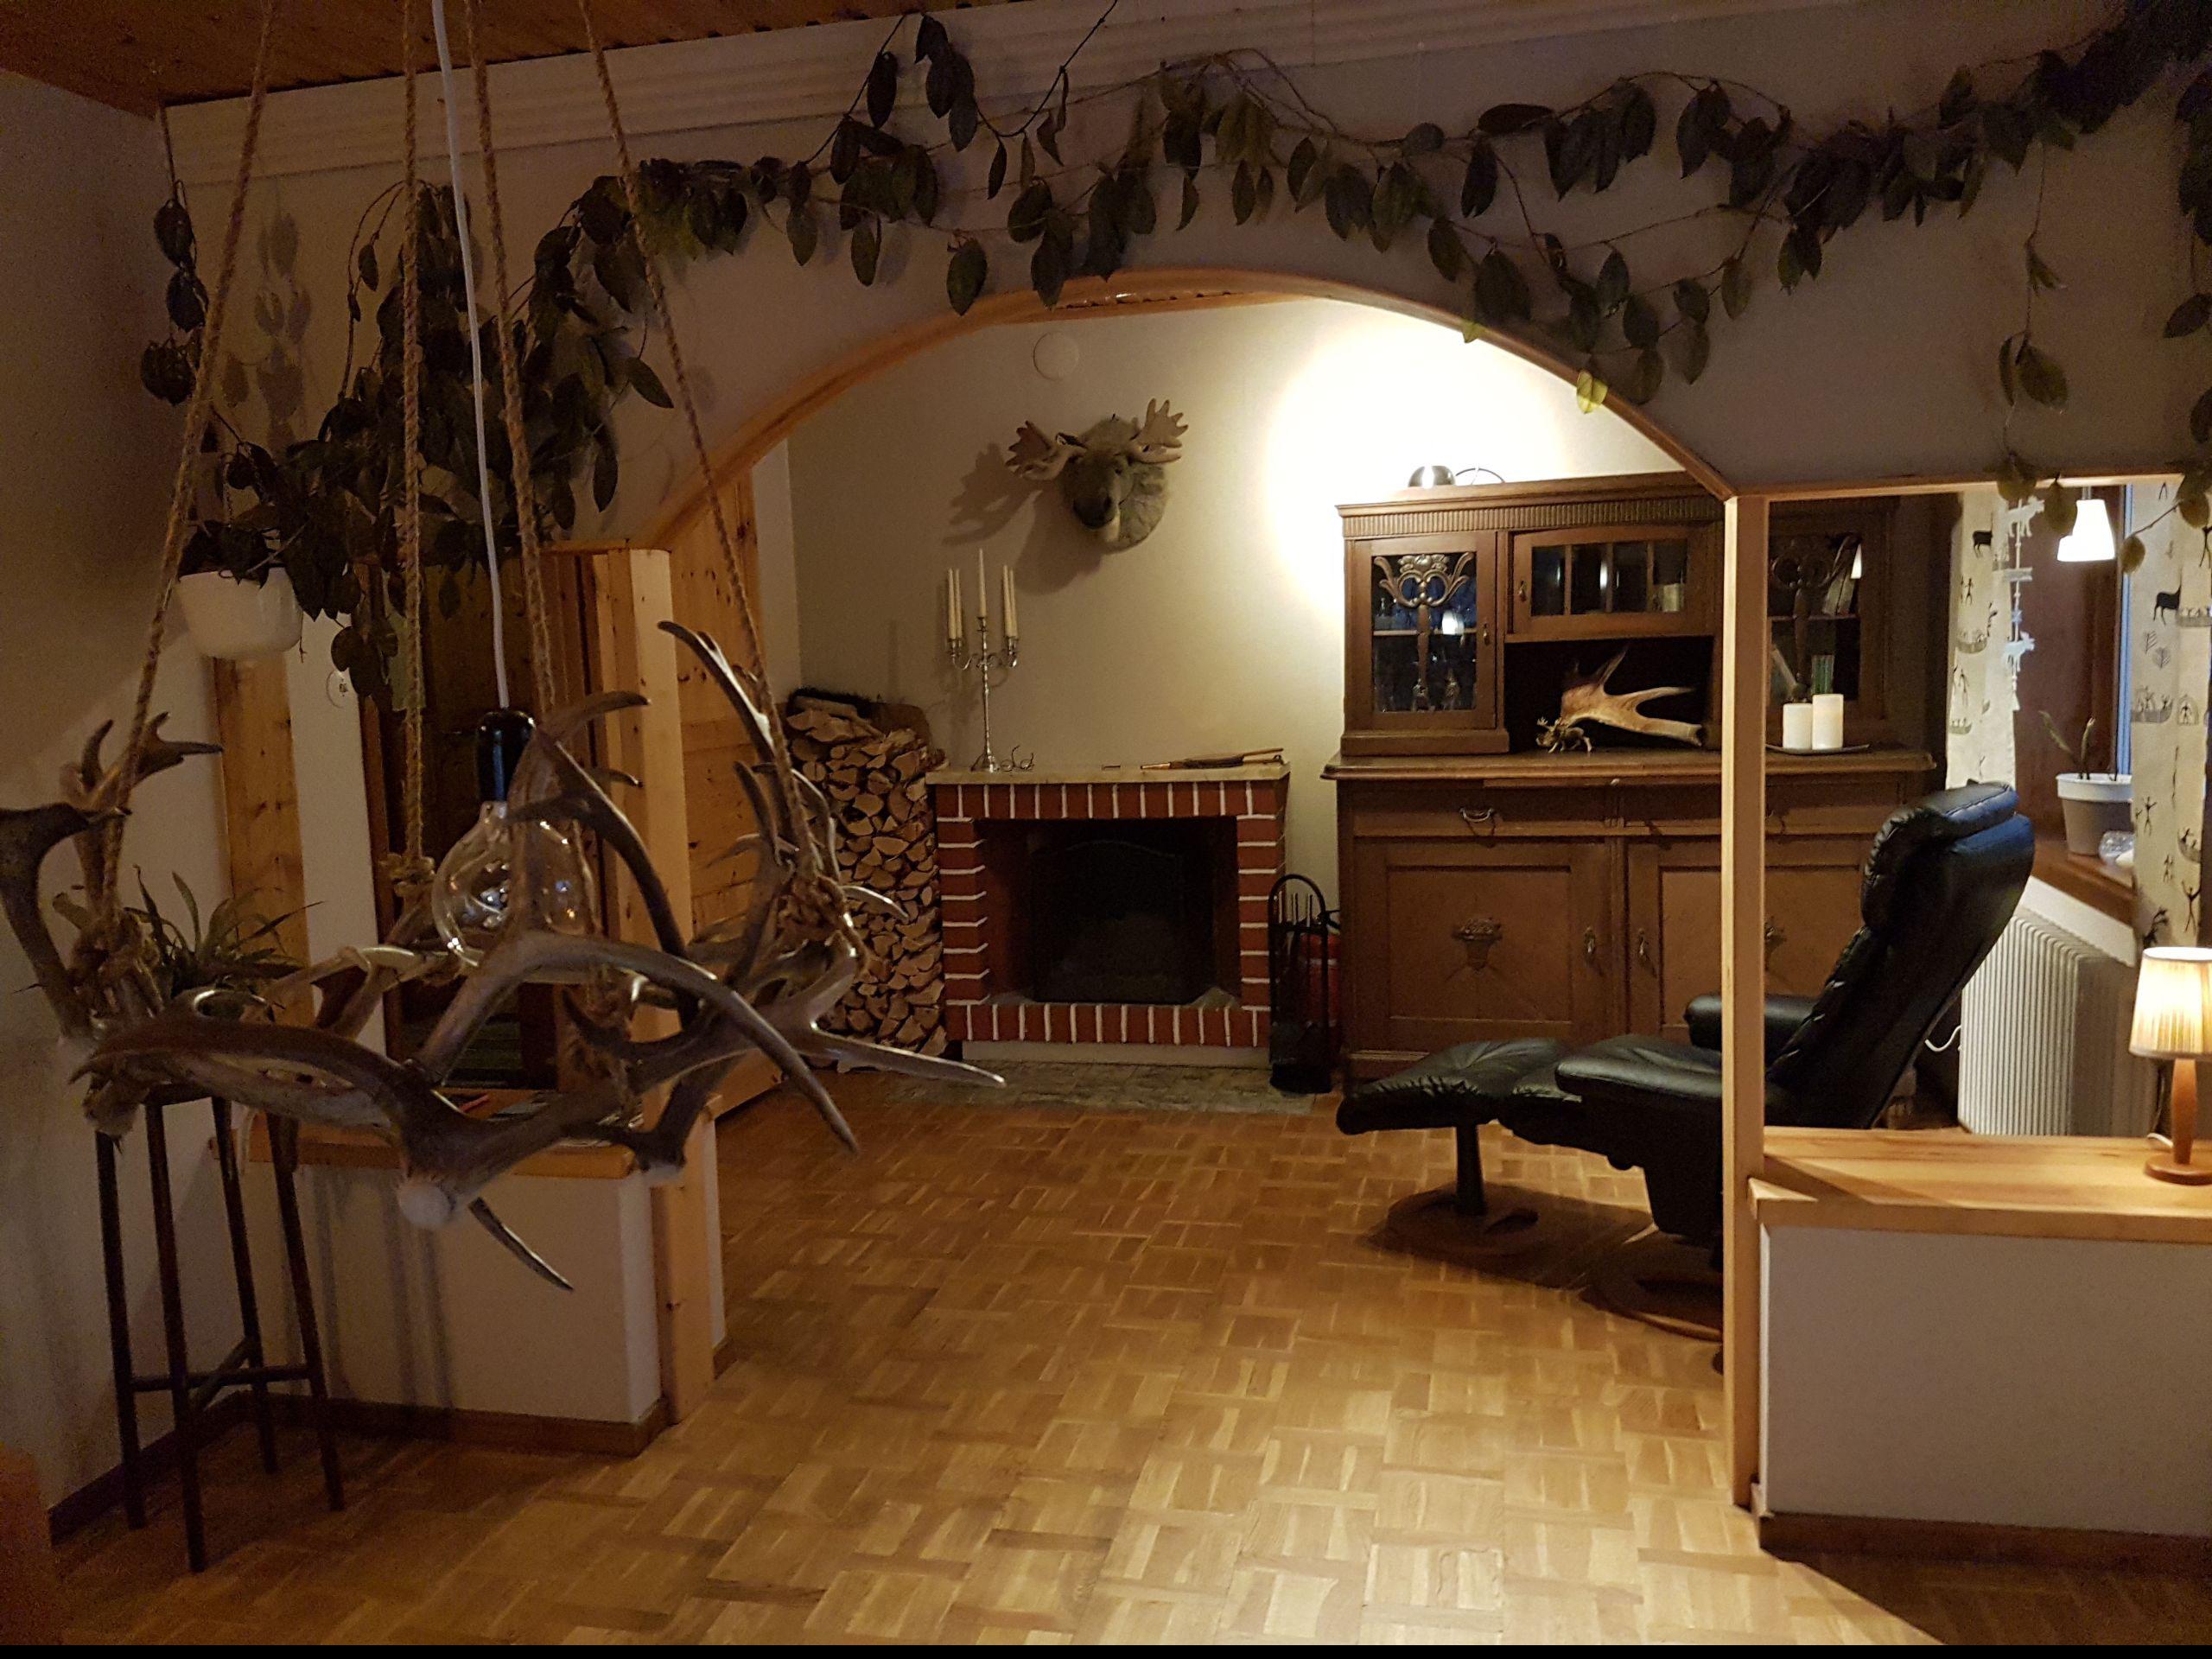 Gemütliches Wohnzimmer auch renoviert. Mit Wasserwage ohne Gardinen